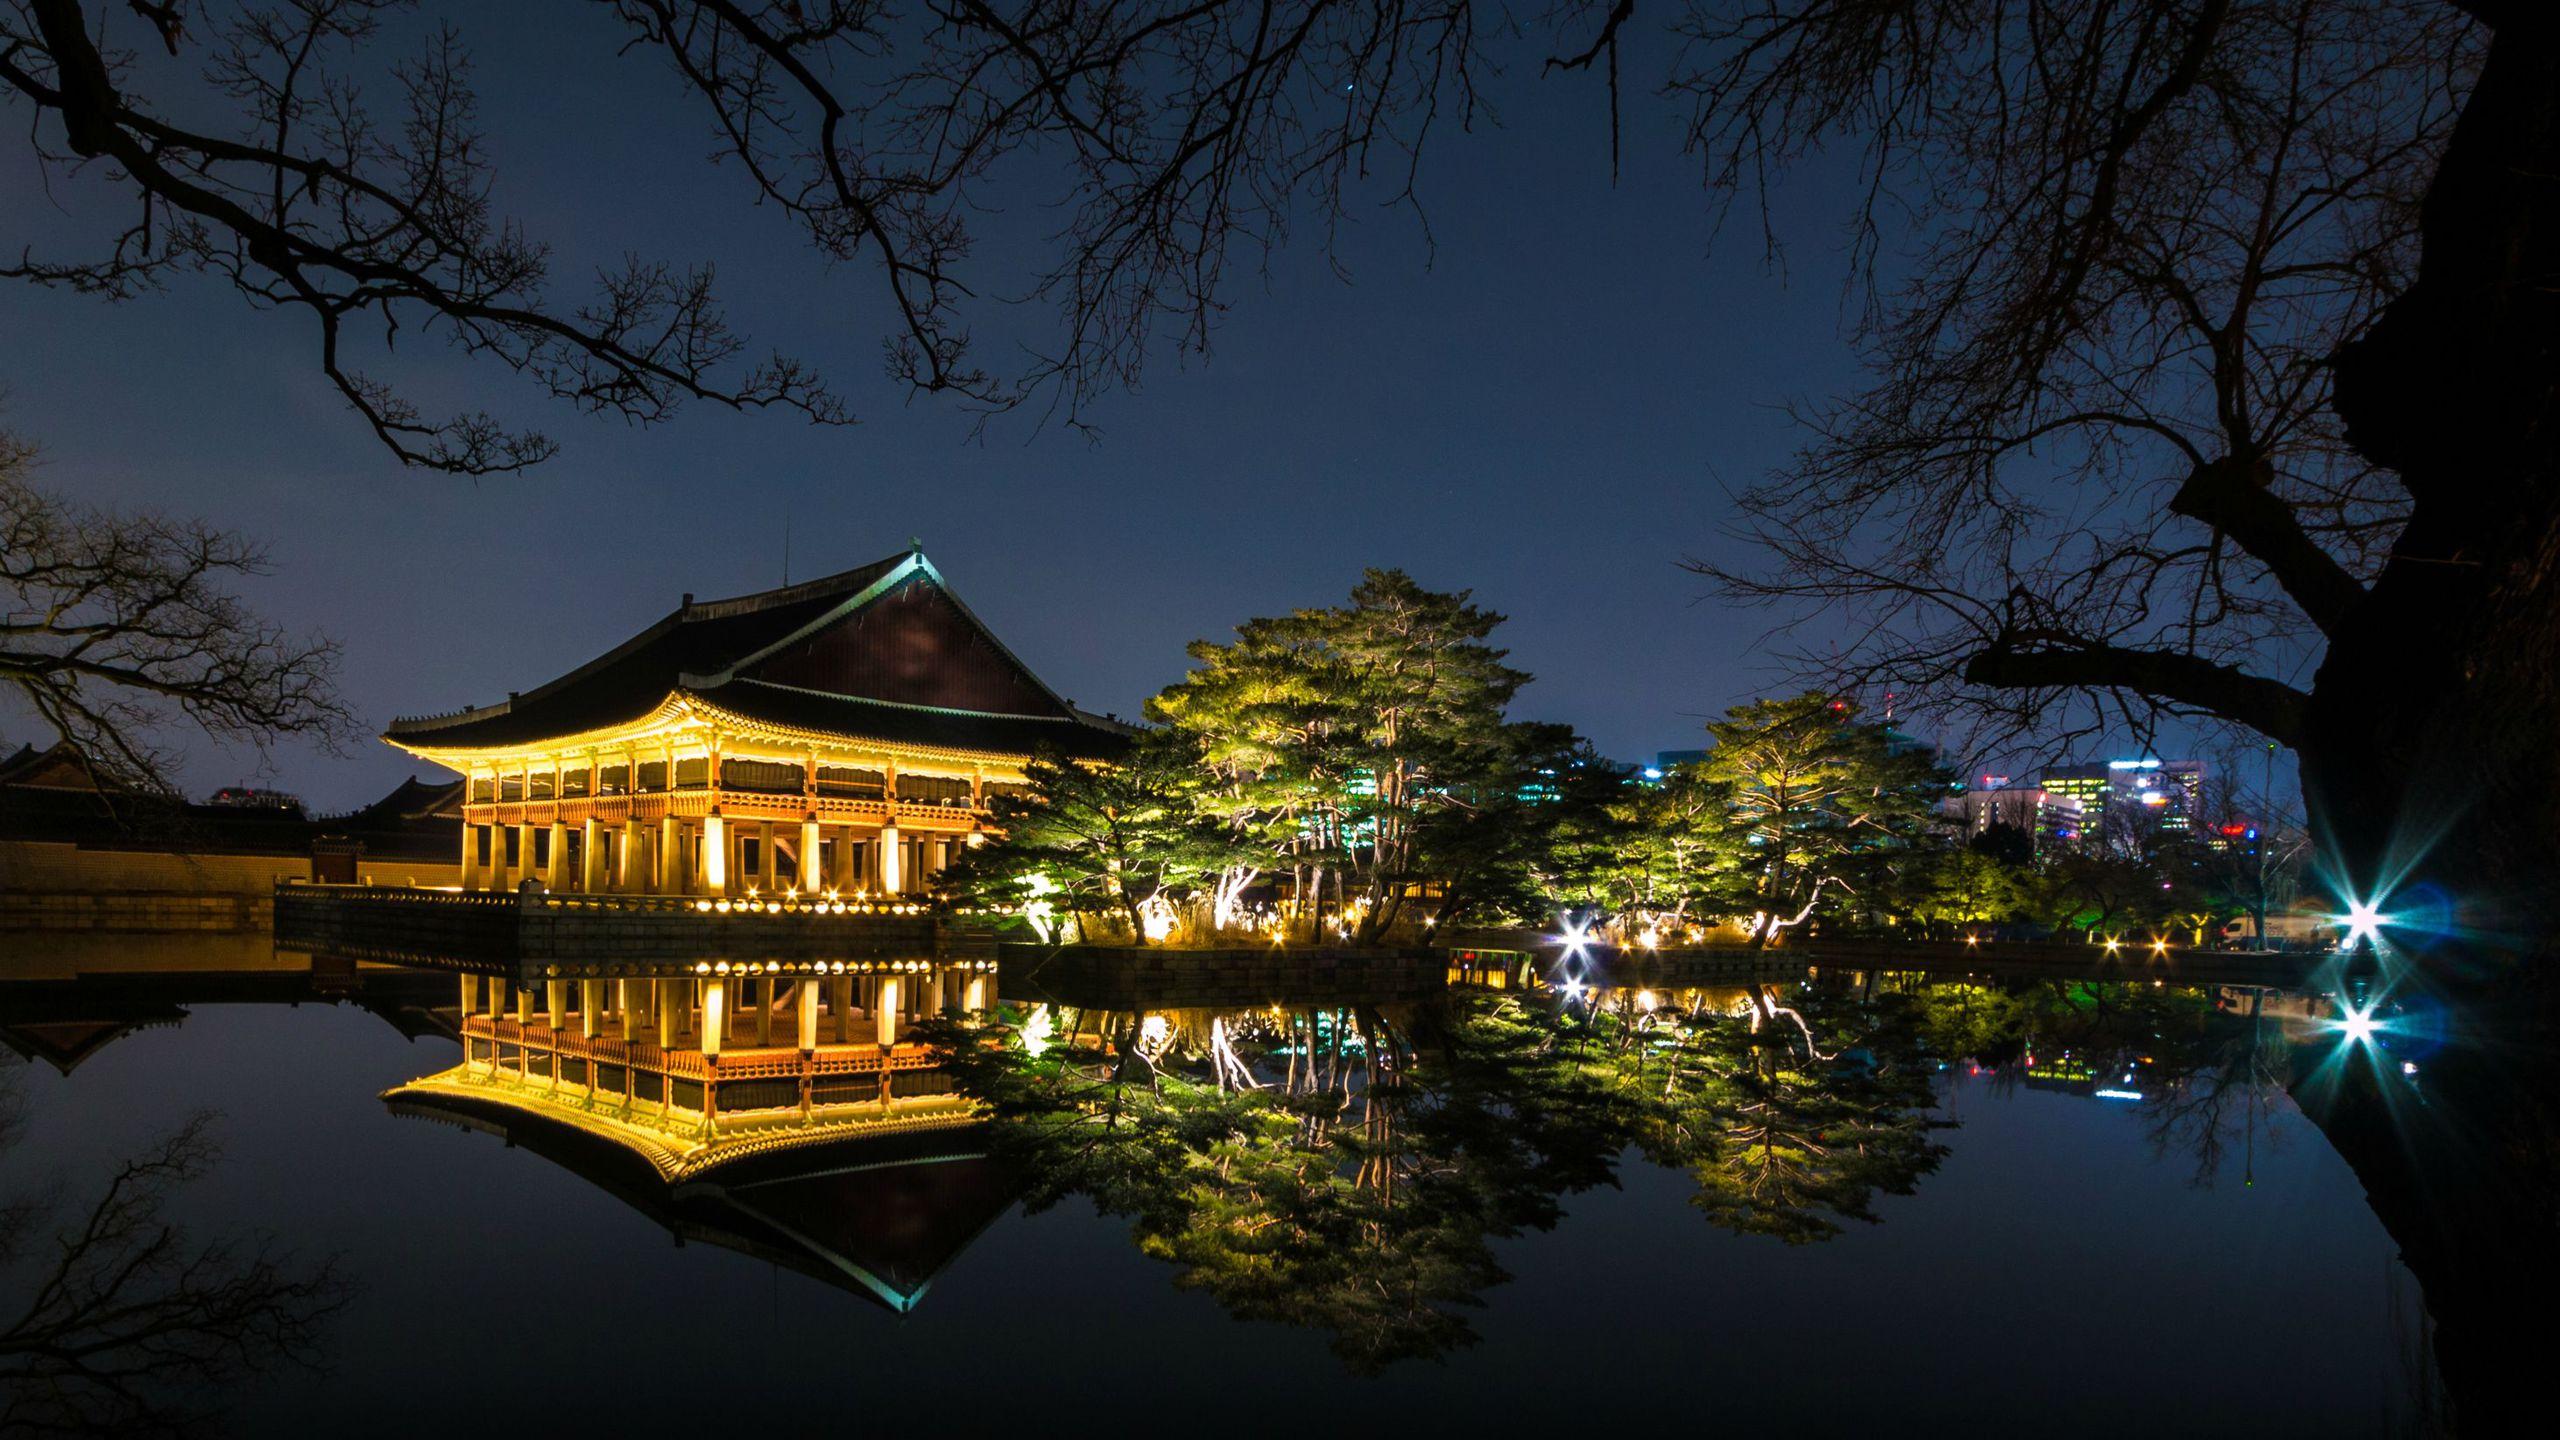 BOTPOST [BOTPOST] Gyeongbuk Palace Reflection Seoul Particularly 2560x1440